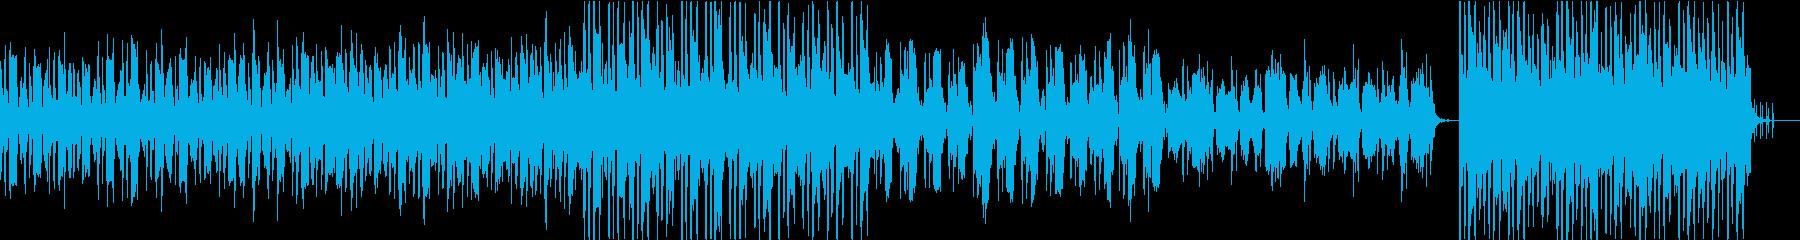 ちょっと不思議で心地よいエレクトロの再生済みの波形